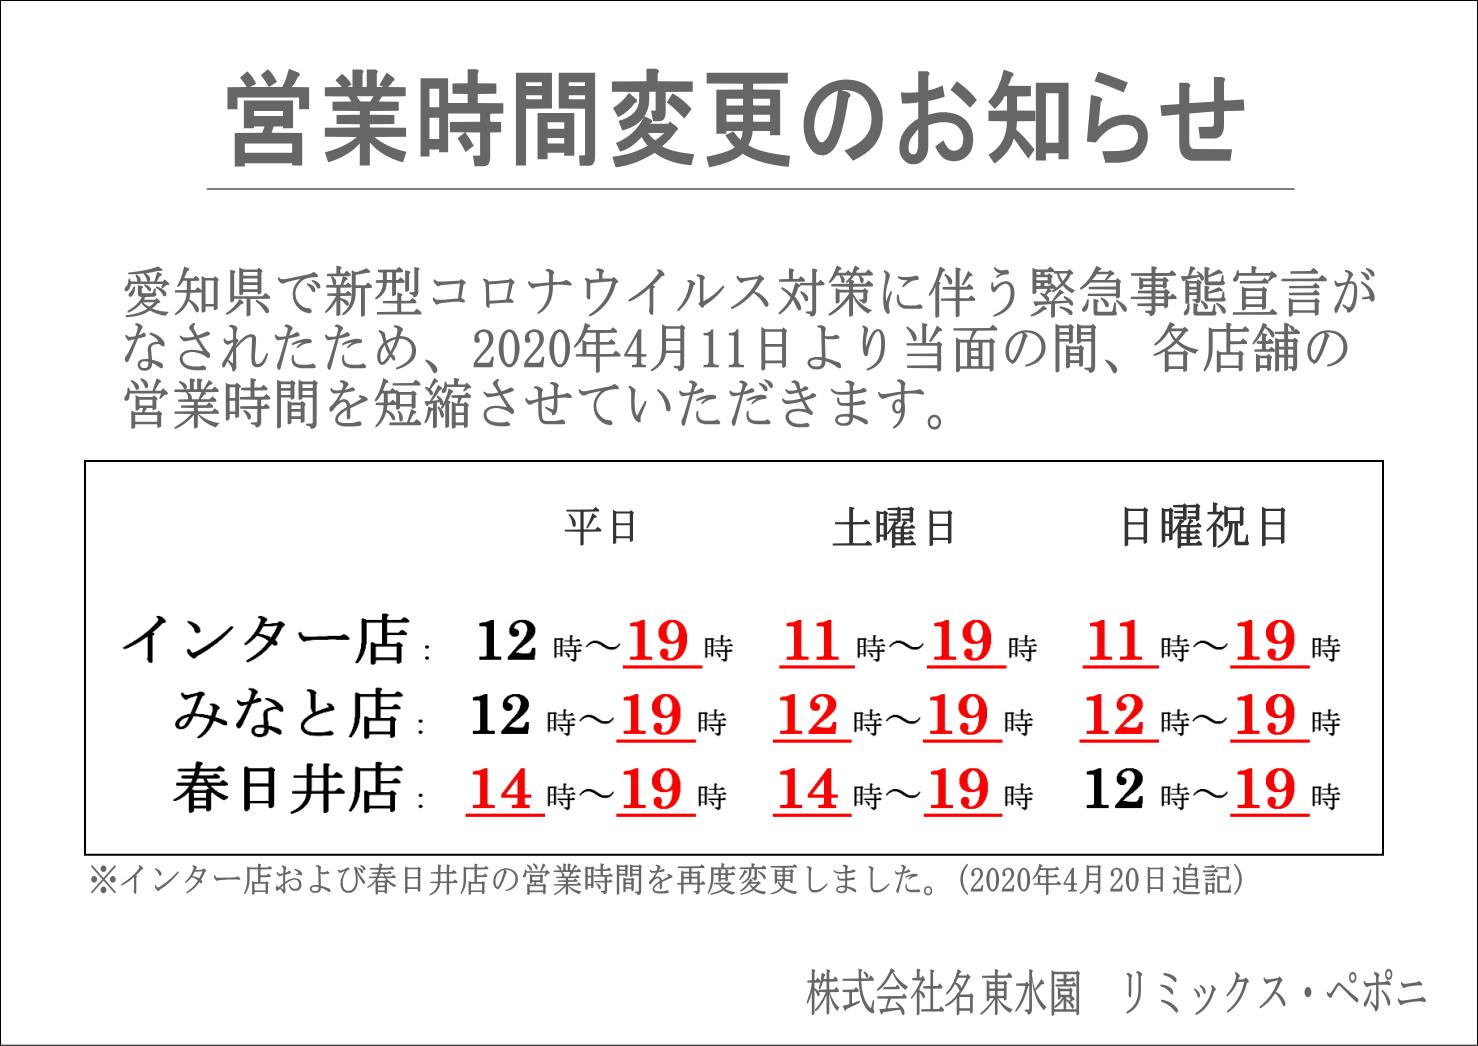 春日井店より重要なお知らせ